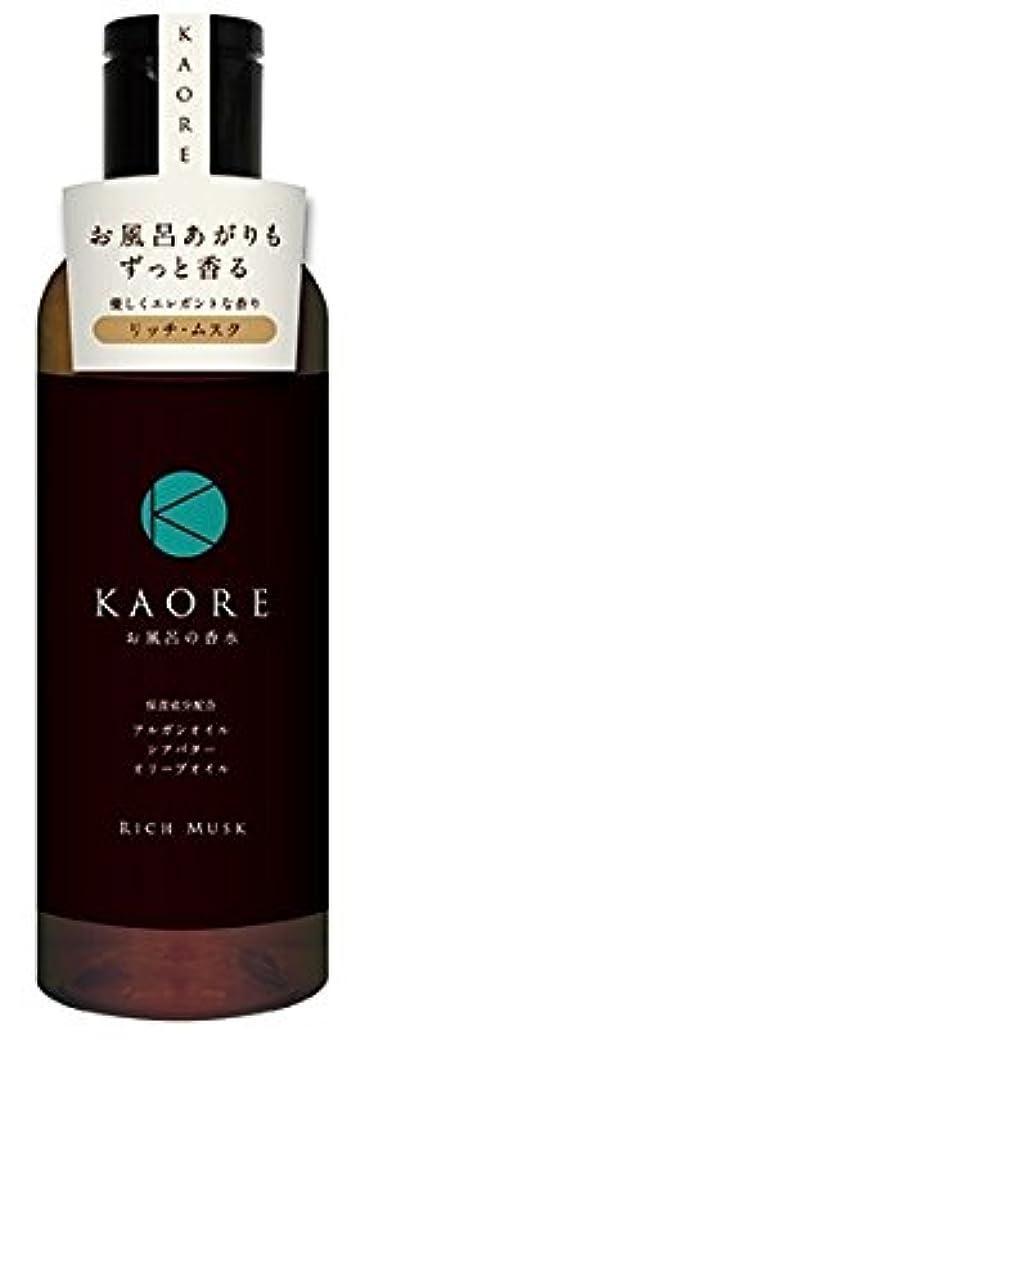 ほこりが欲しい移動KAORE(カオリ) お風呂の香水 リッチムスク 200ml